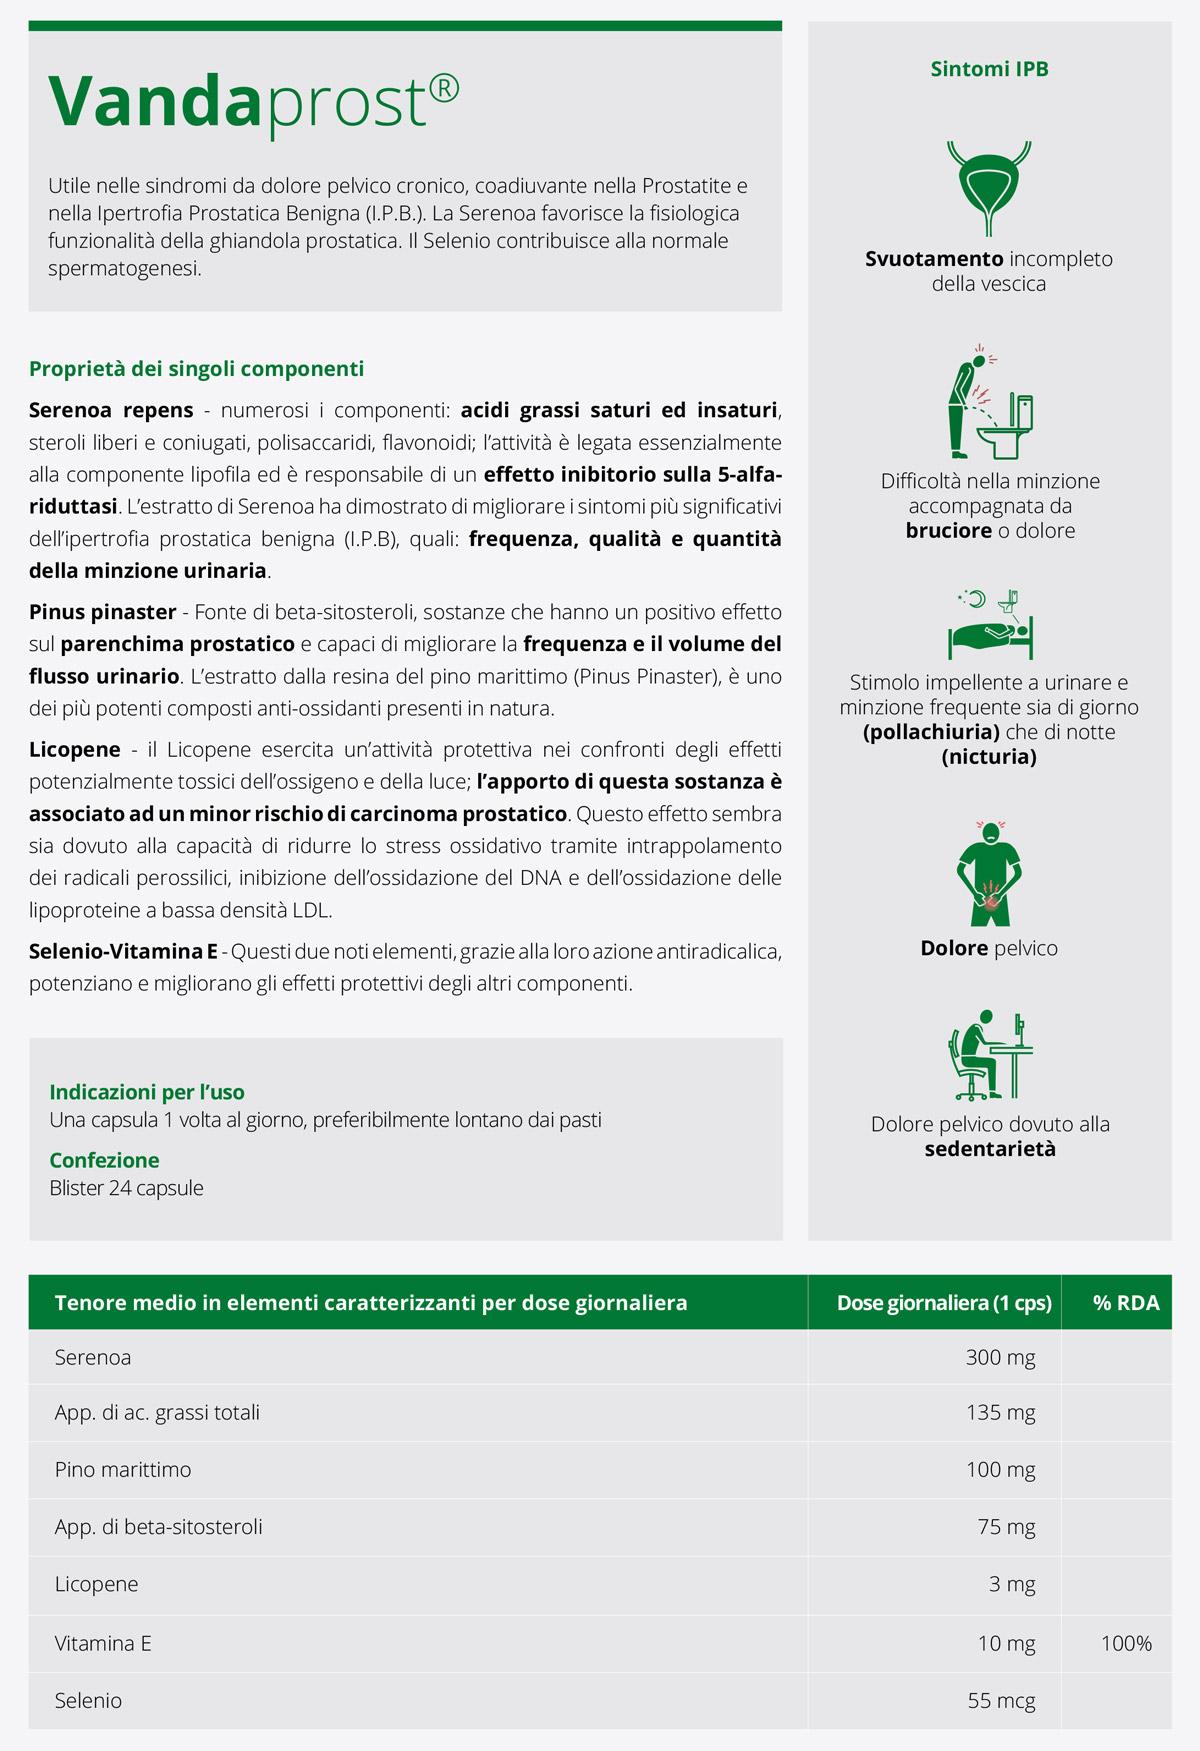 Vandaprost infografica prodotto (prostatite)